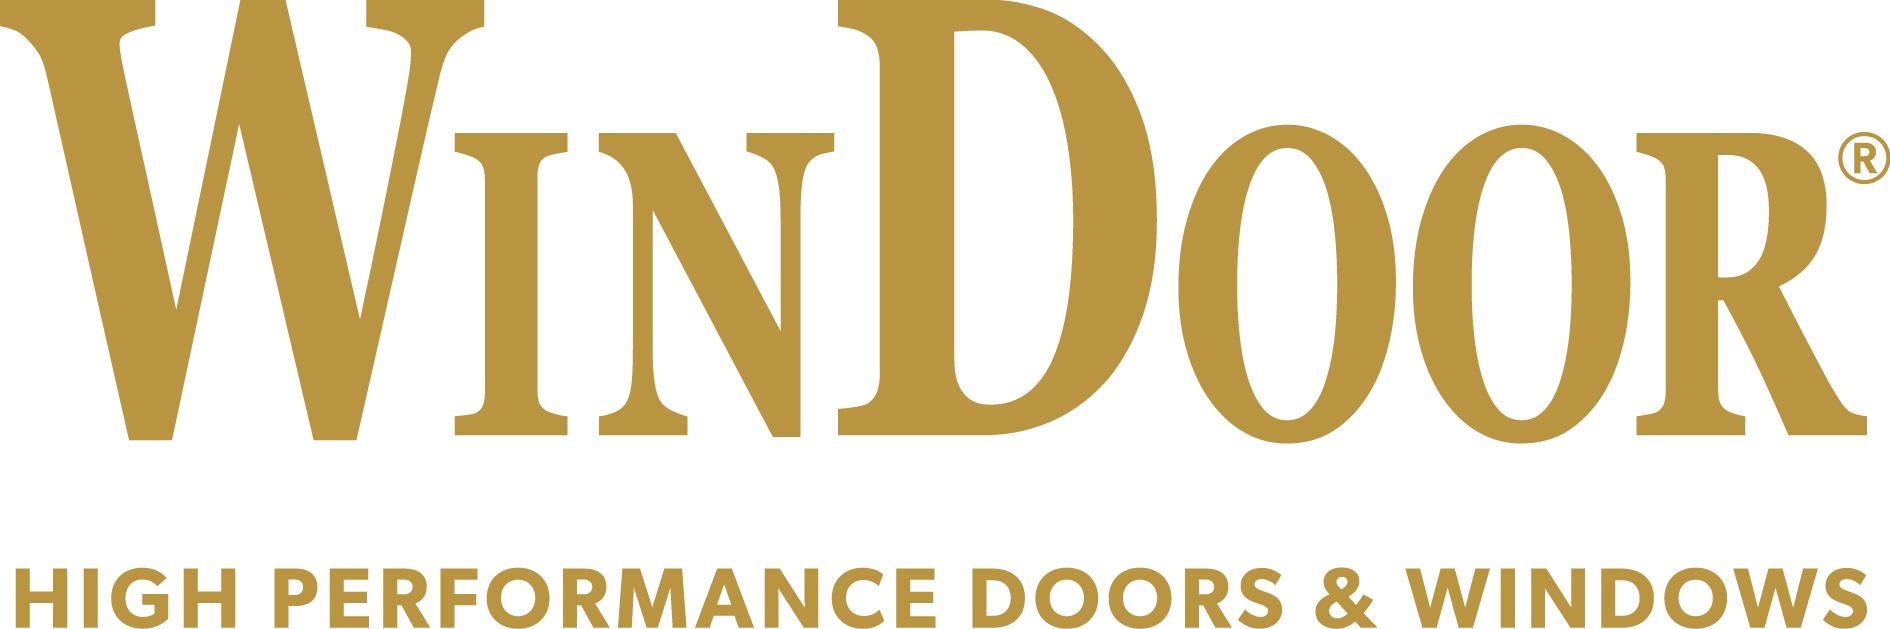 WinDoor  sc 1 st  Window Classics & WinDoor Doors - Brands | Window Classics pezcame.com